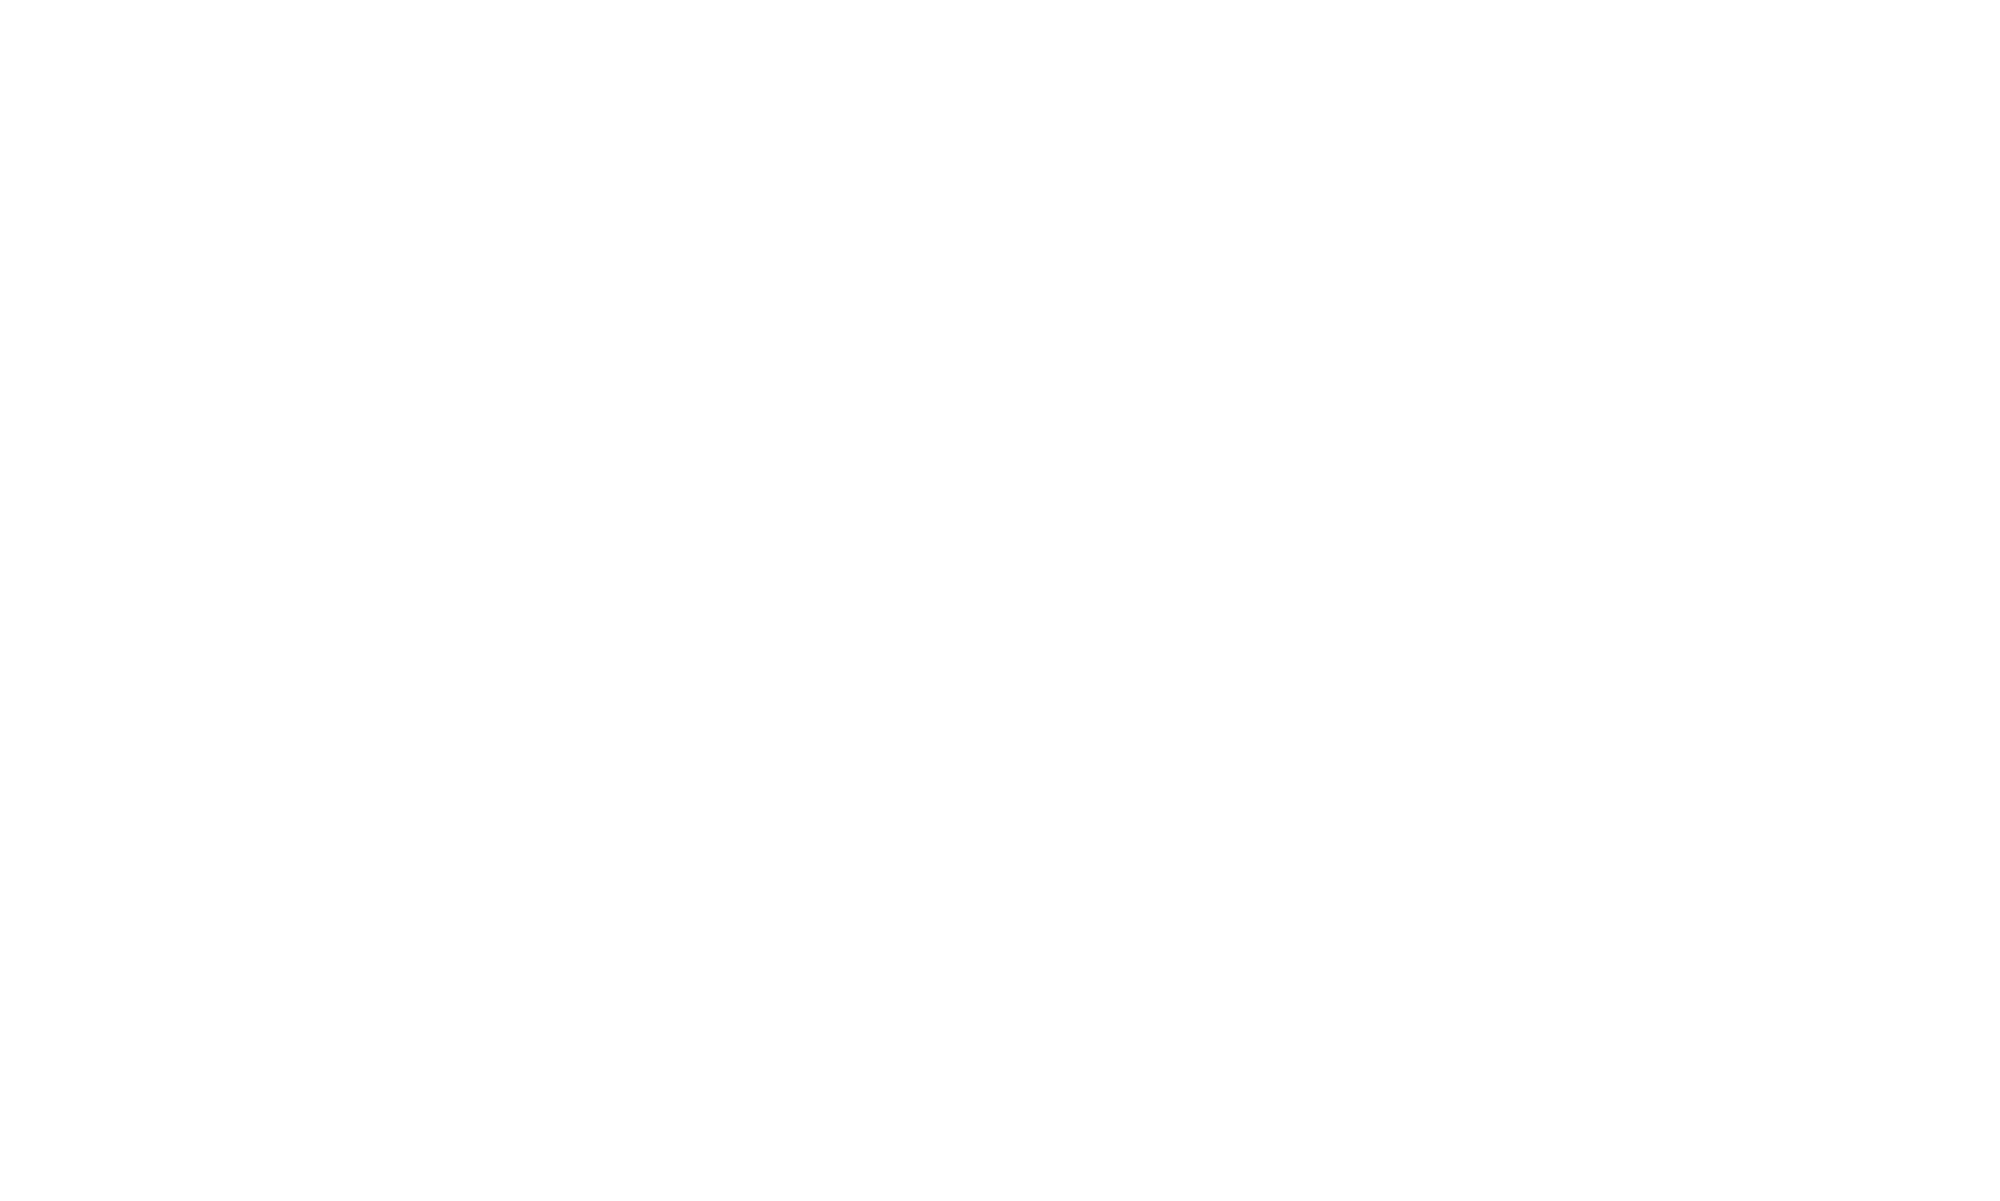 MATESHIP-logo-white.png